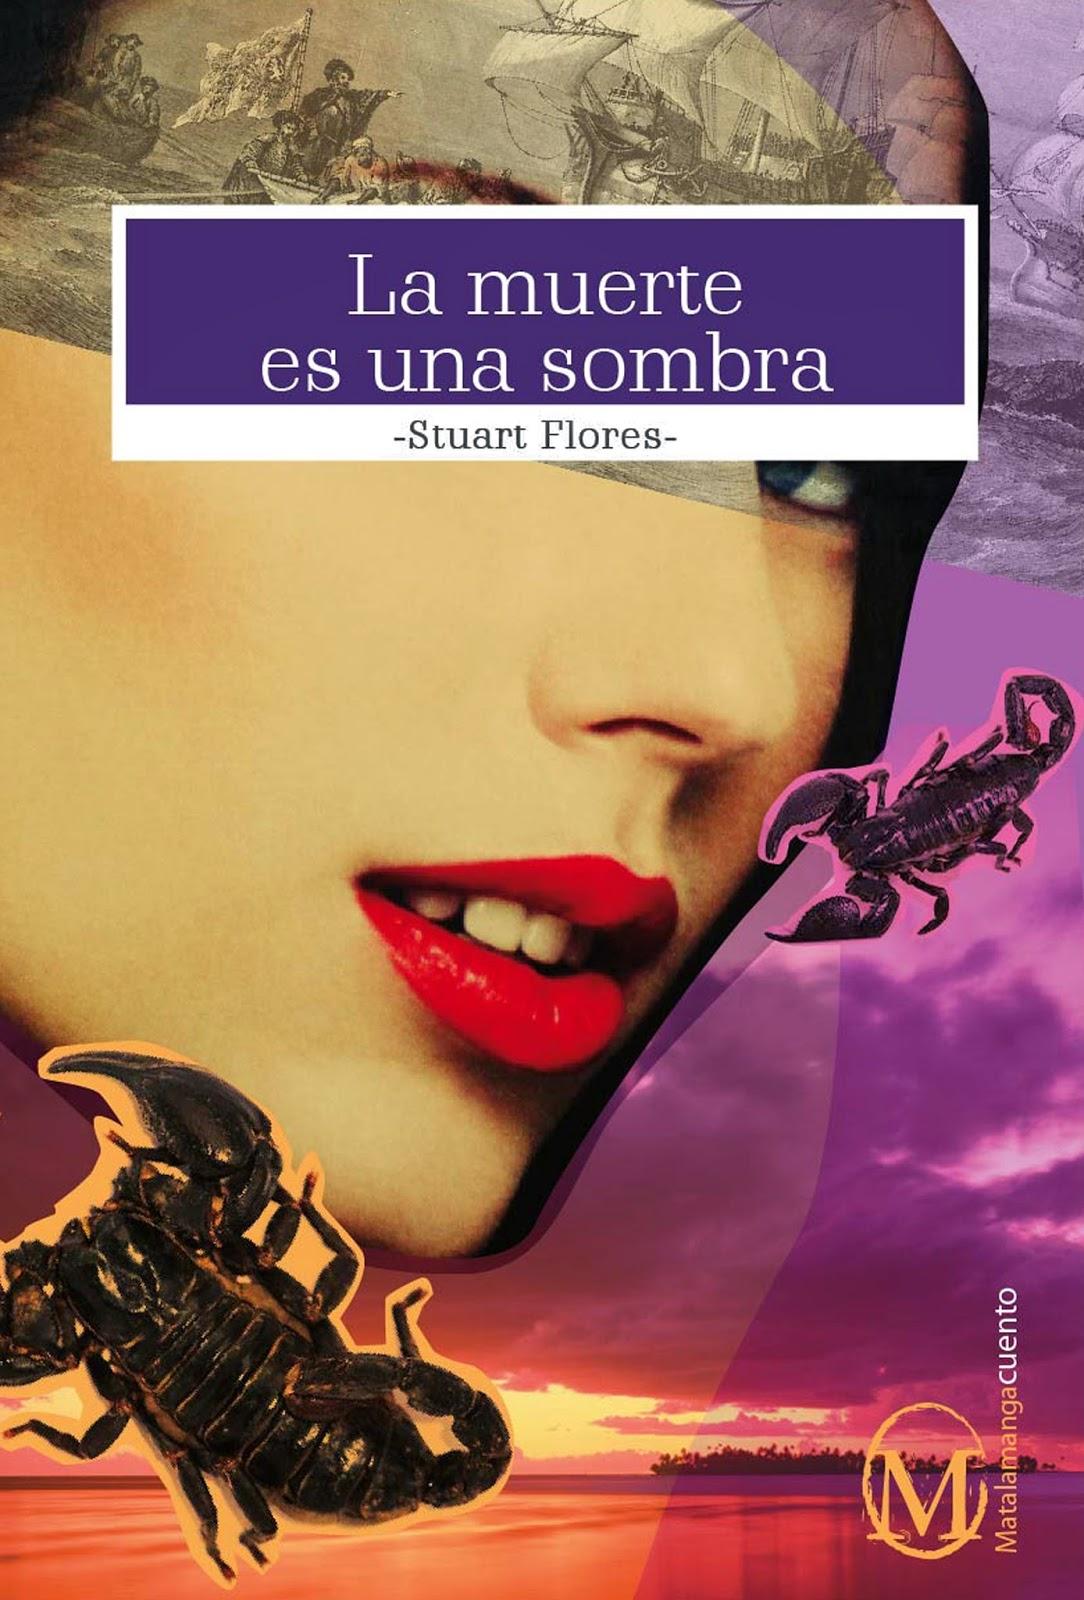 http://www.librosperuanos.com/libros/detalle/13828/La-muerte-es-una-sombra